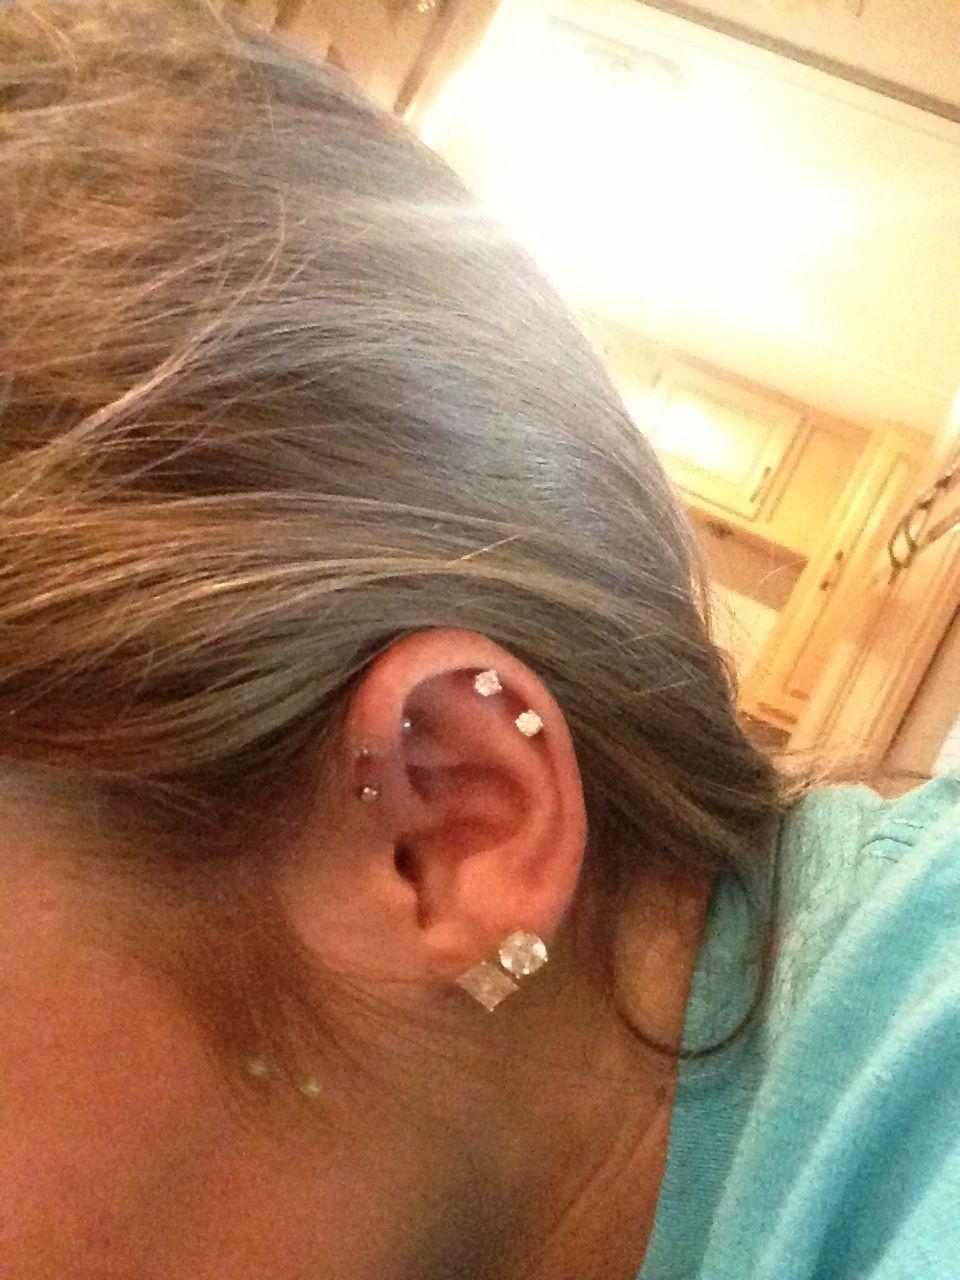 Microdermal piercing ideas  Ear piercings  tattoosupiercings  Pinterest  At the top The top